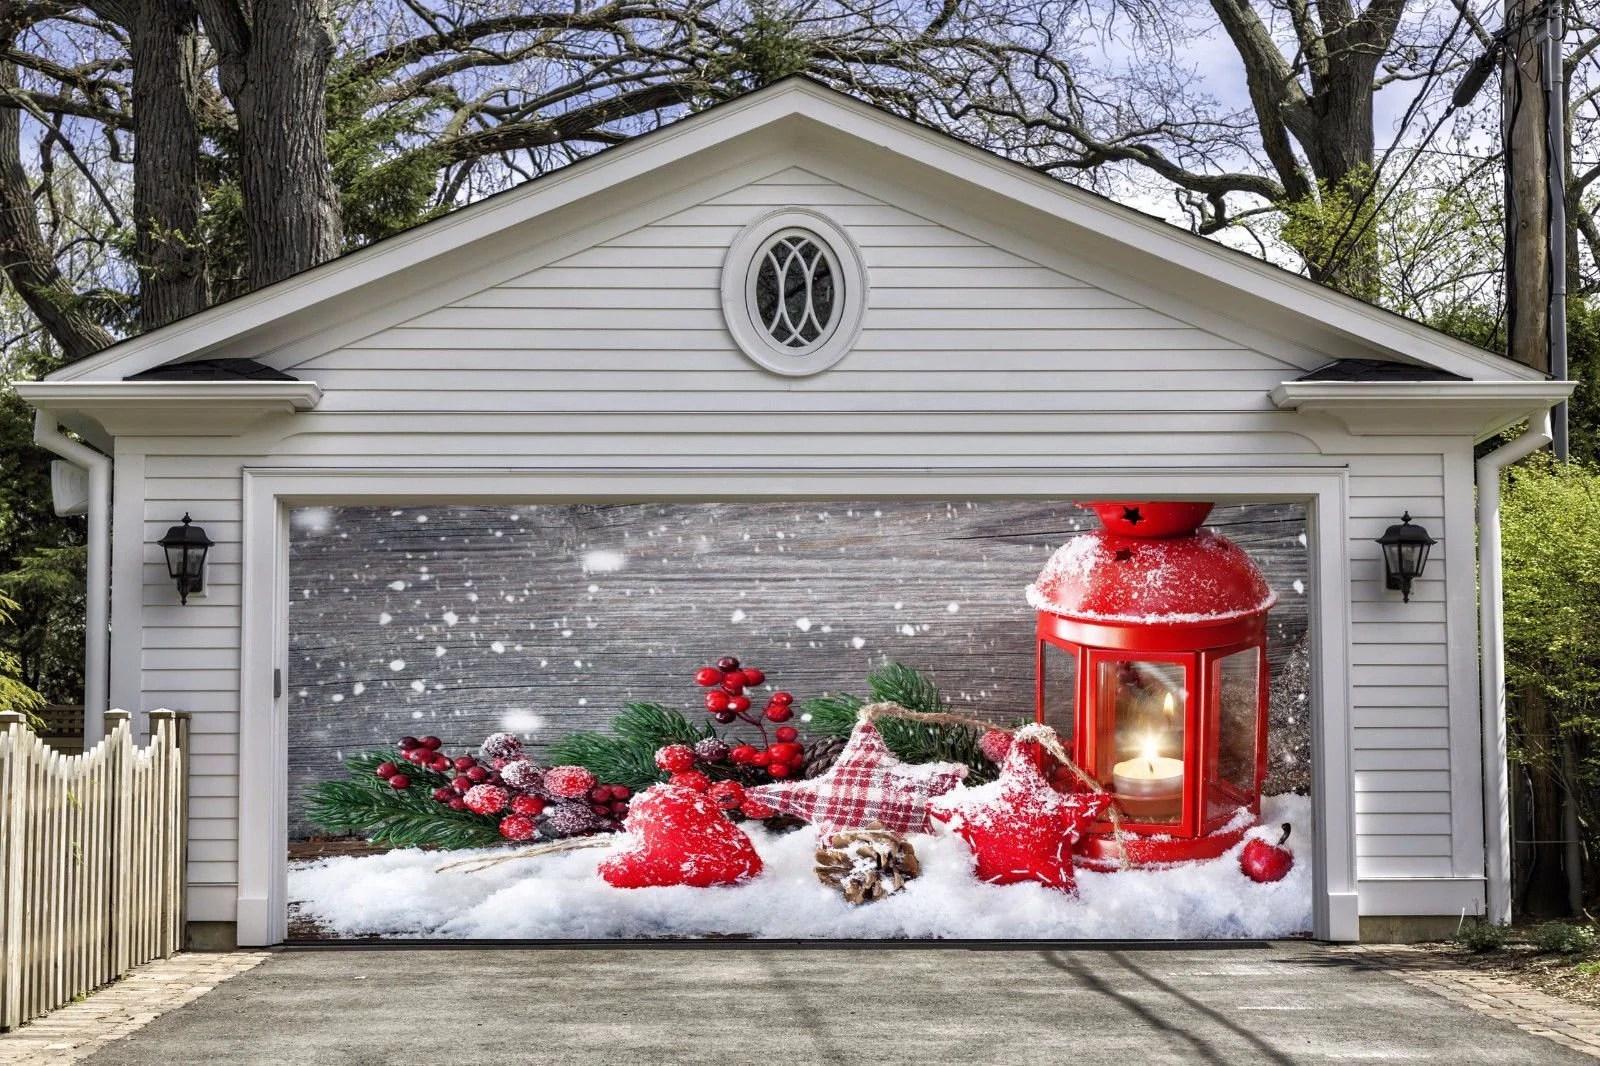 Christmas Decor for Garage Door Christmas Garage Door ... on Garage Decoration  id=67706